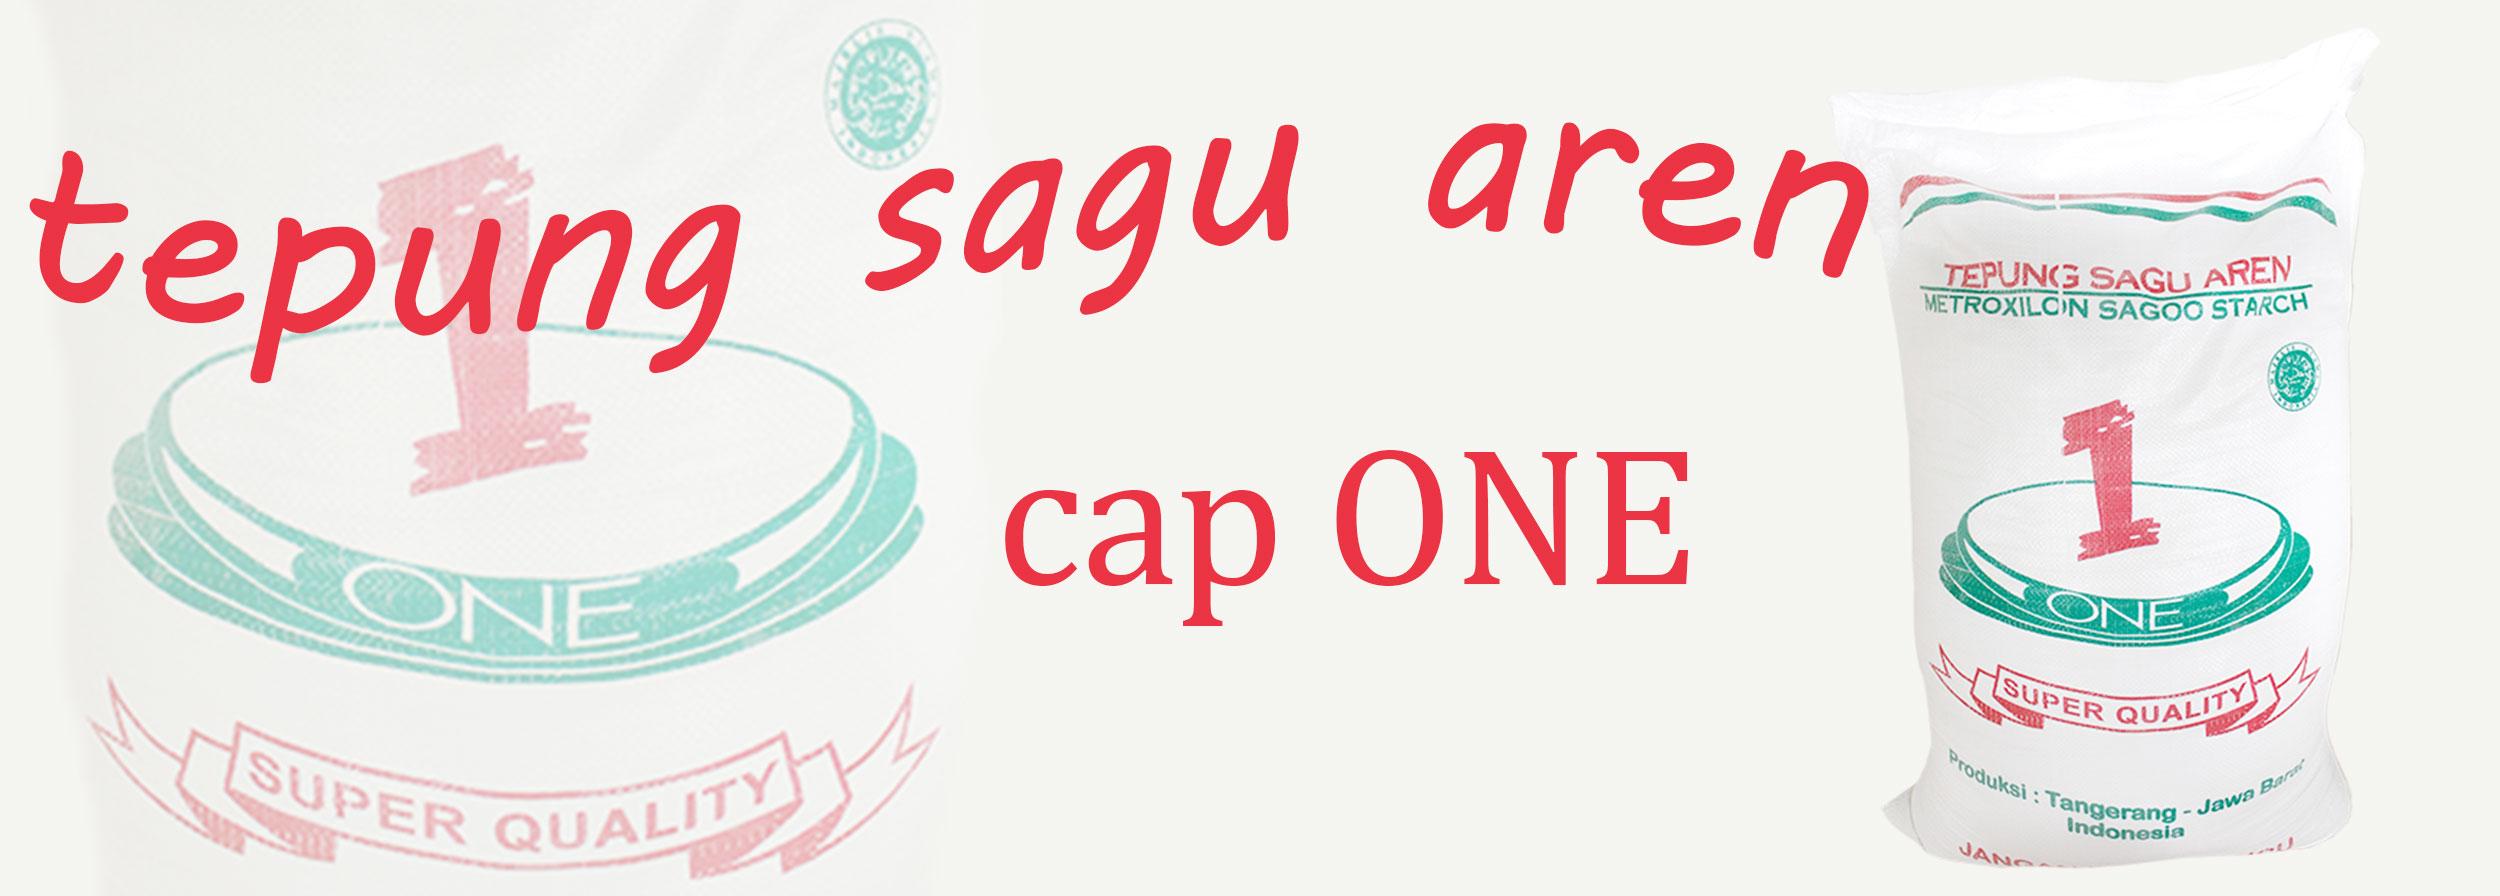 Sagu Aren Cap One